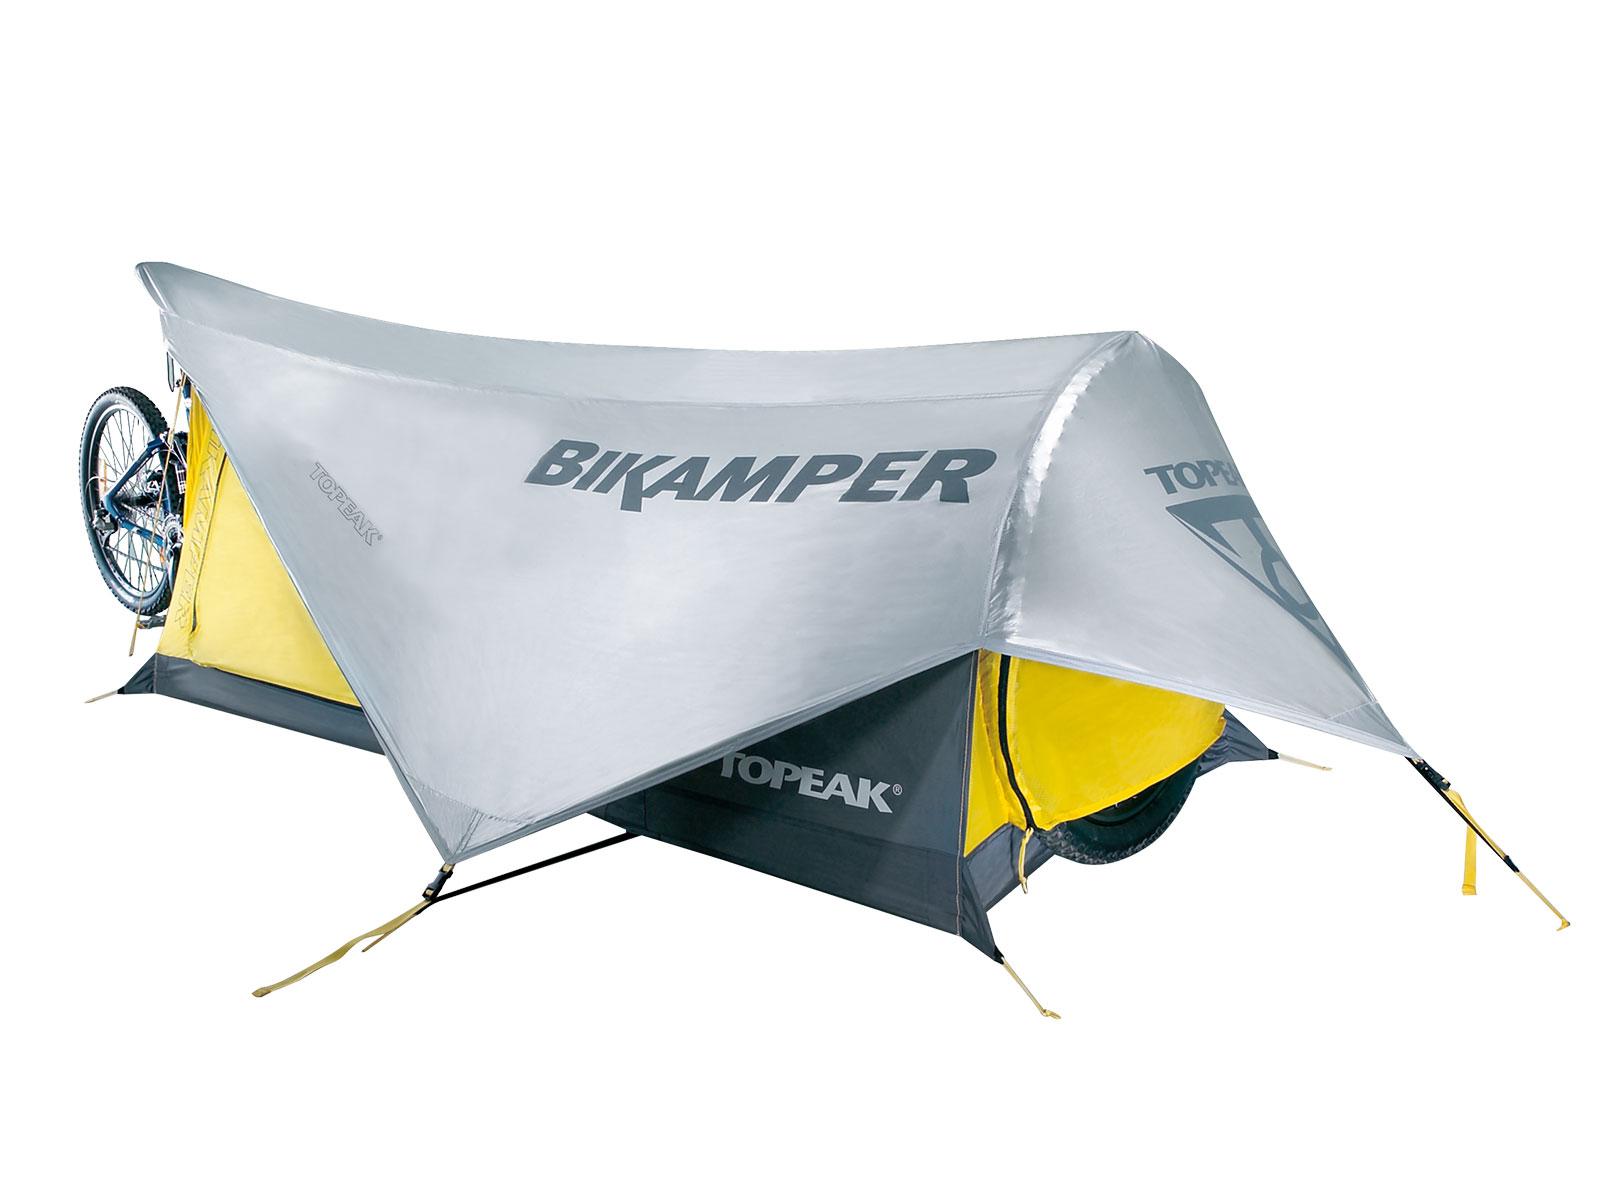 BIKAMPER™ | Topeak